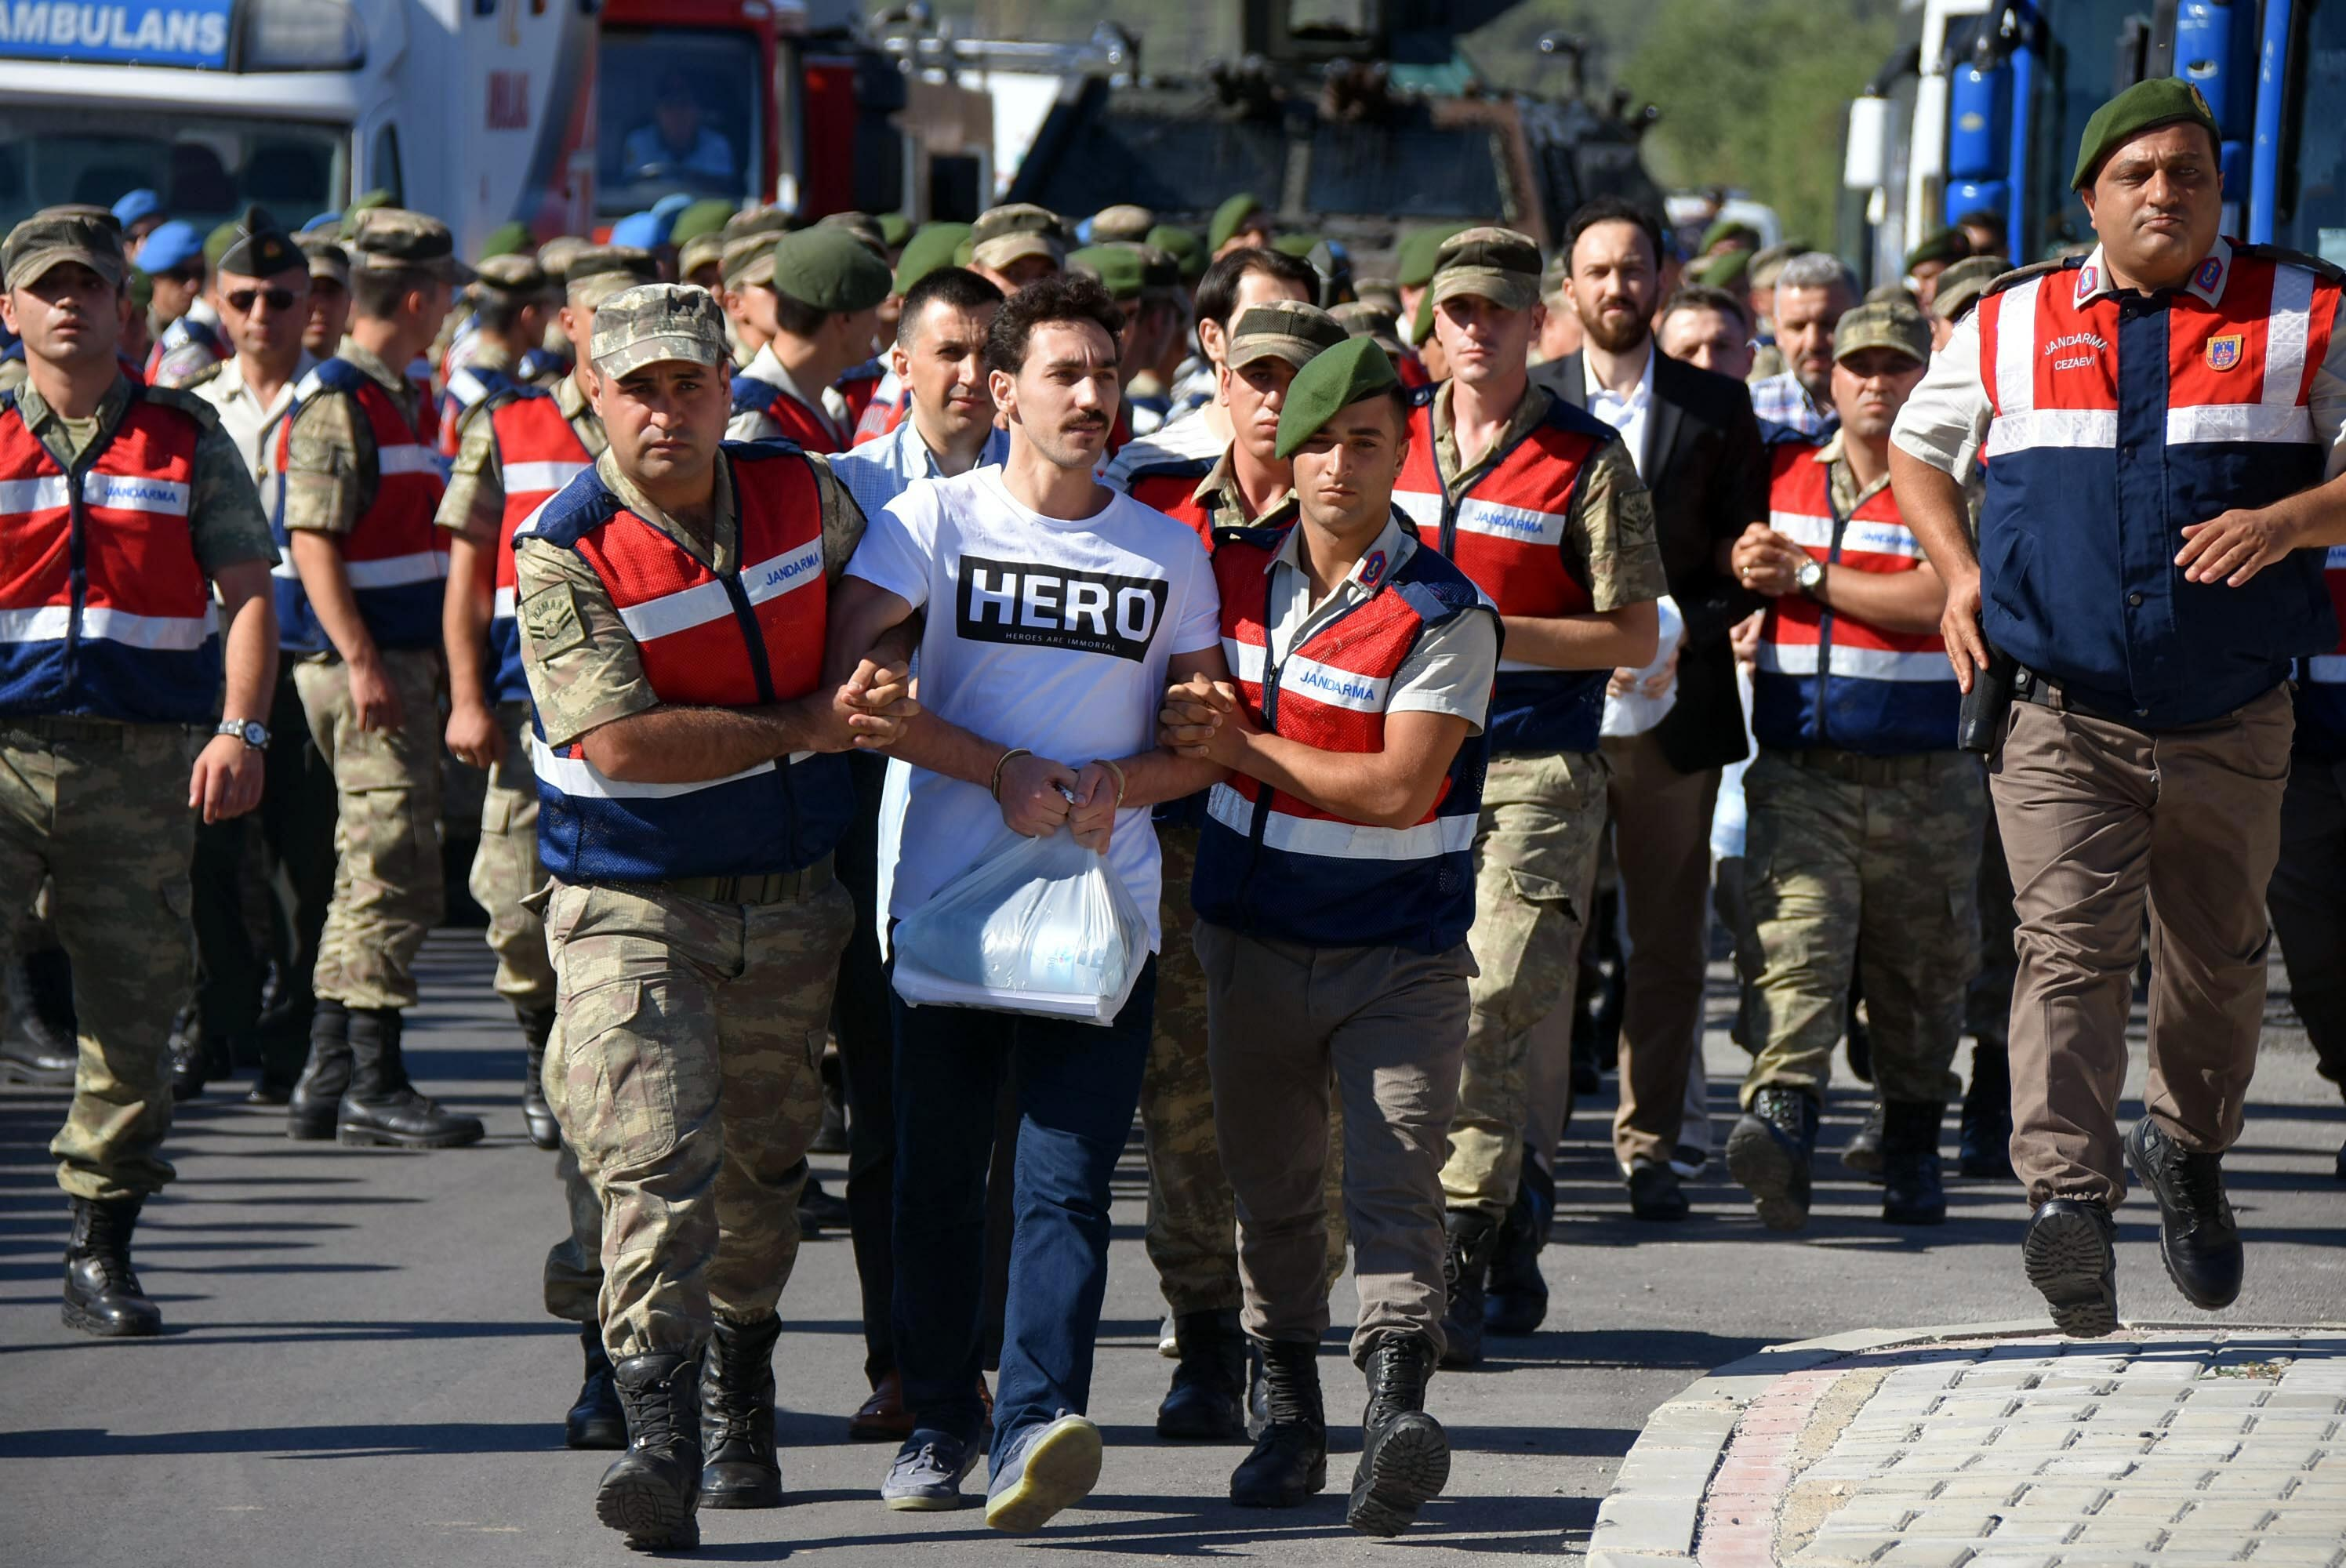 Törökországban ennek a pólónak a viseléséért ma börtön jár